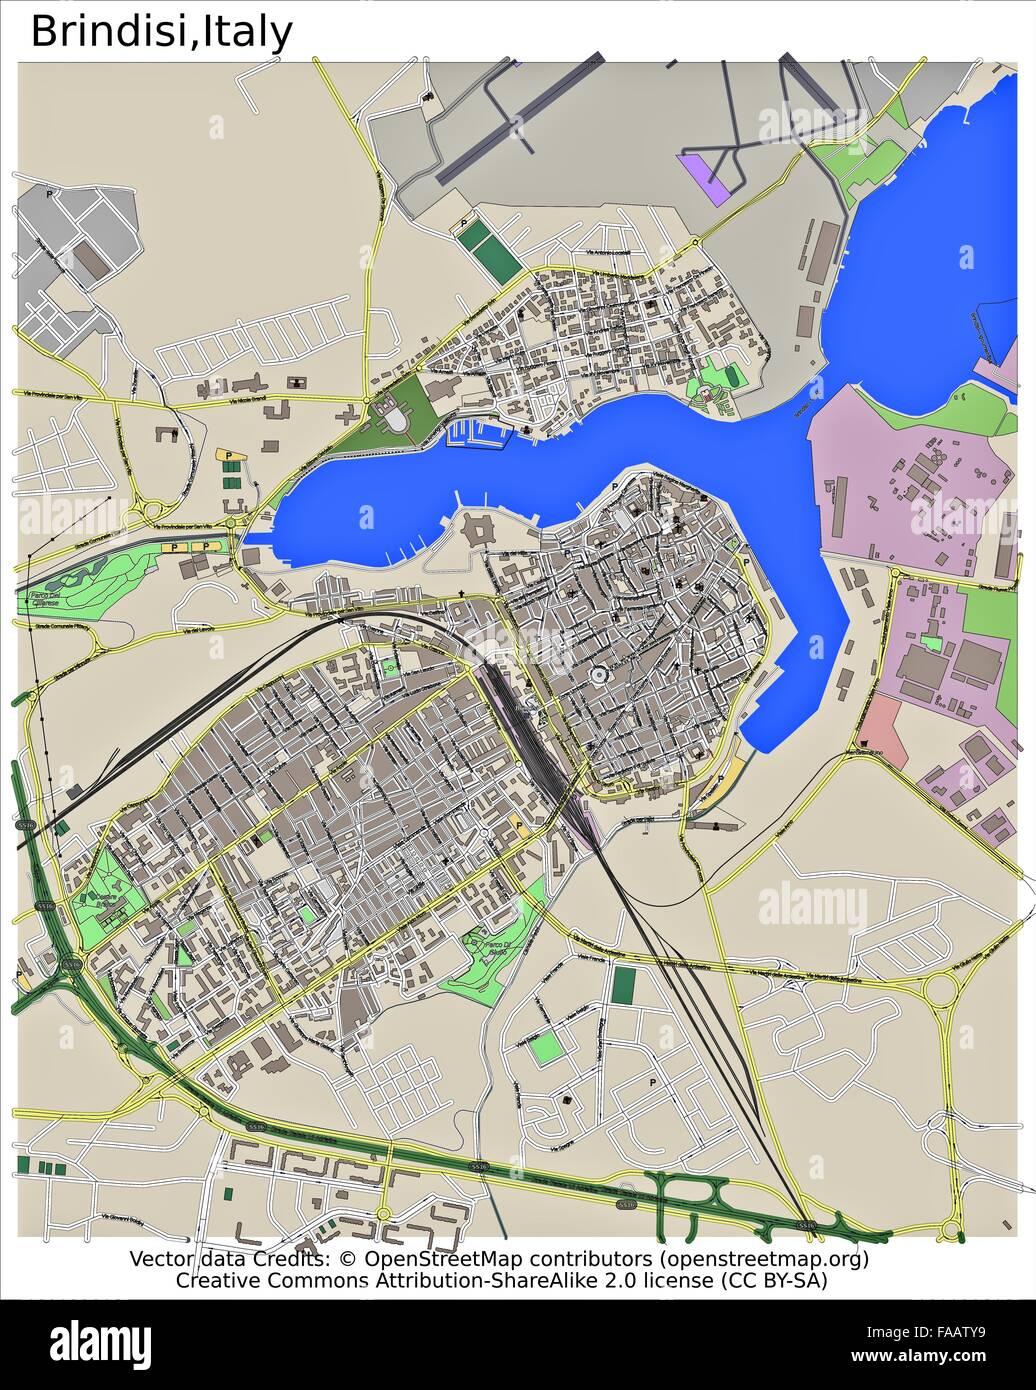 Cartina Italia Brindisi.Brindisi Italia Mappa Della Citta Foto Stock Alamy